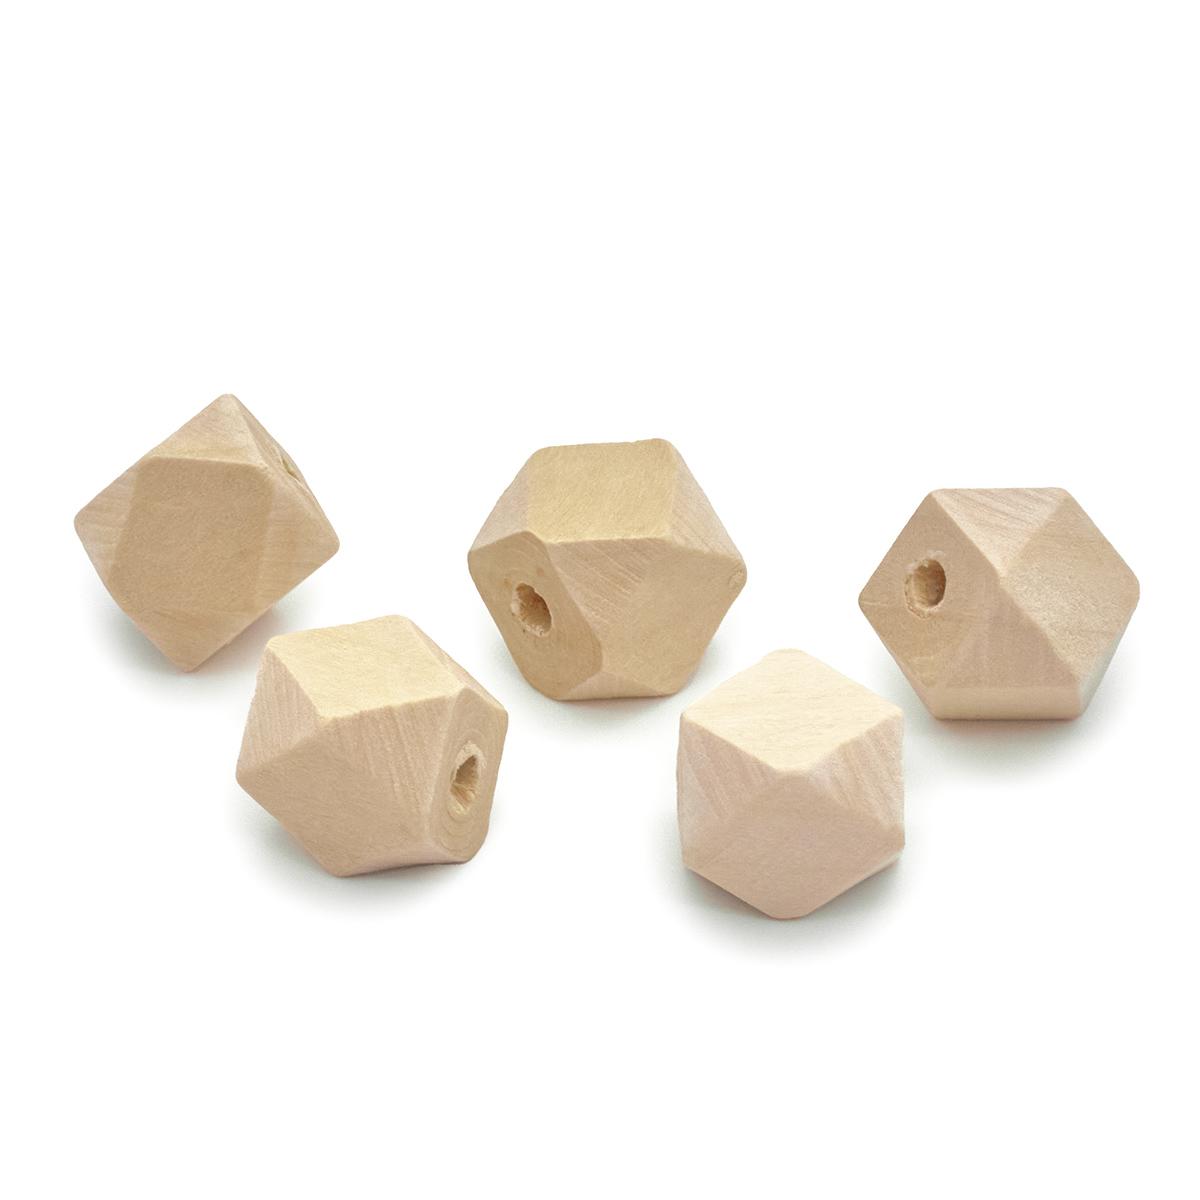 Бусины деревянные неокрашенные многогранник 14*14 мм, 5шт